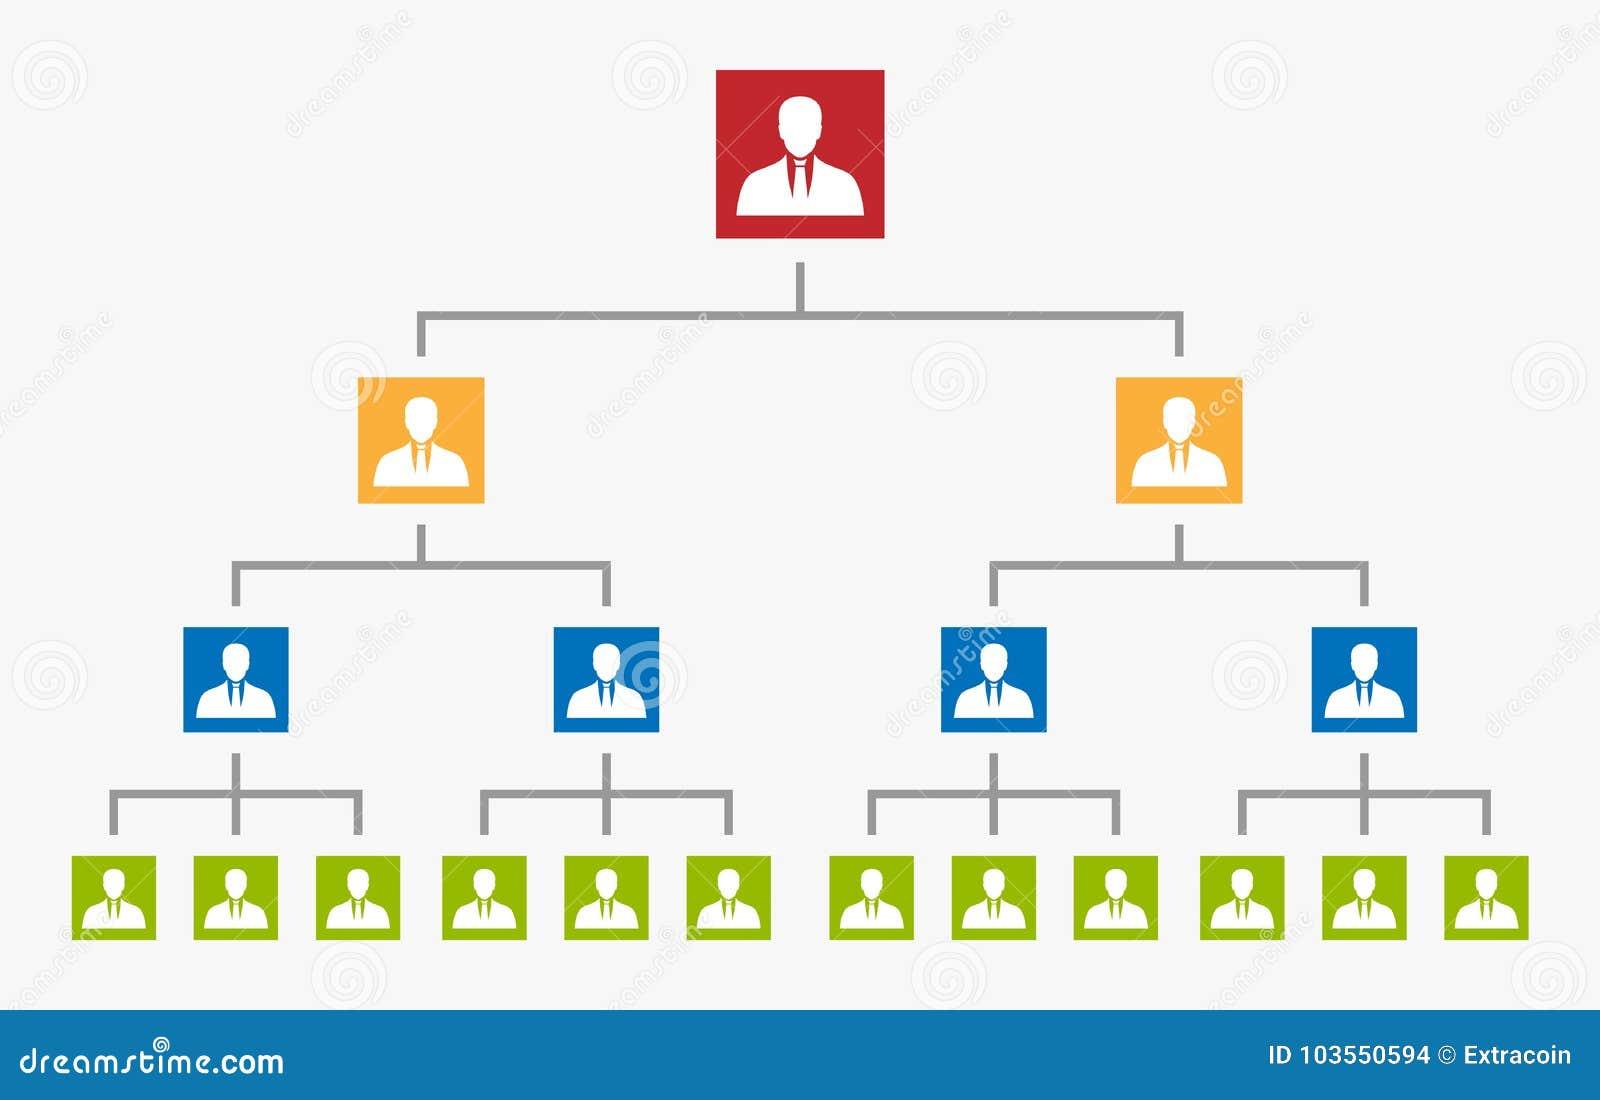 Organizaci mapy drzewo, korporacyjna hierarchia